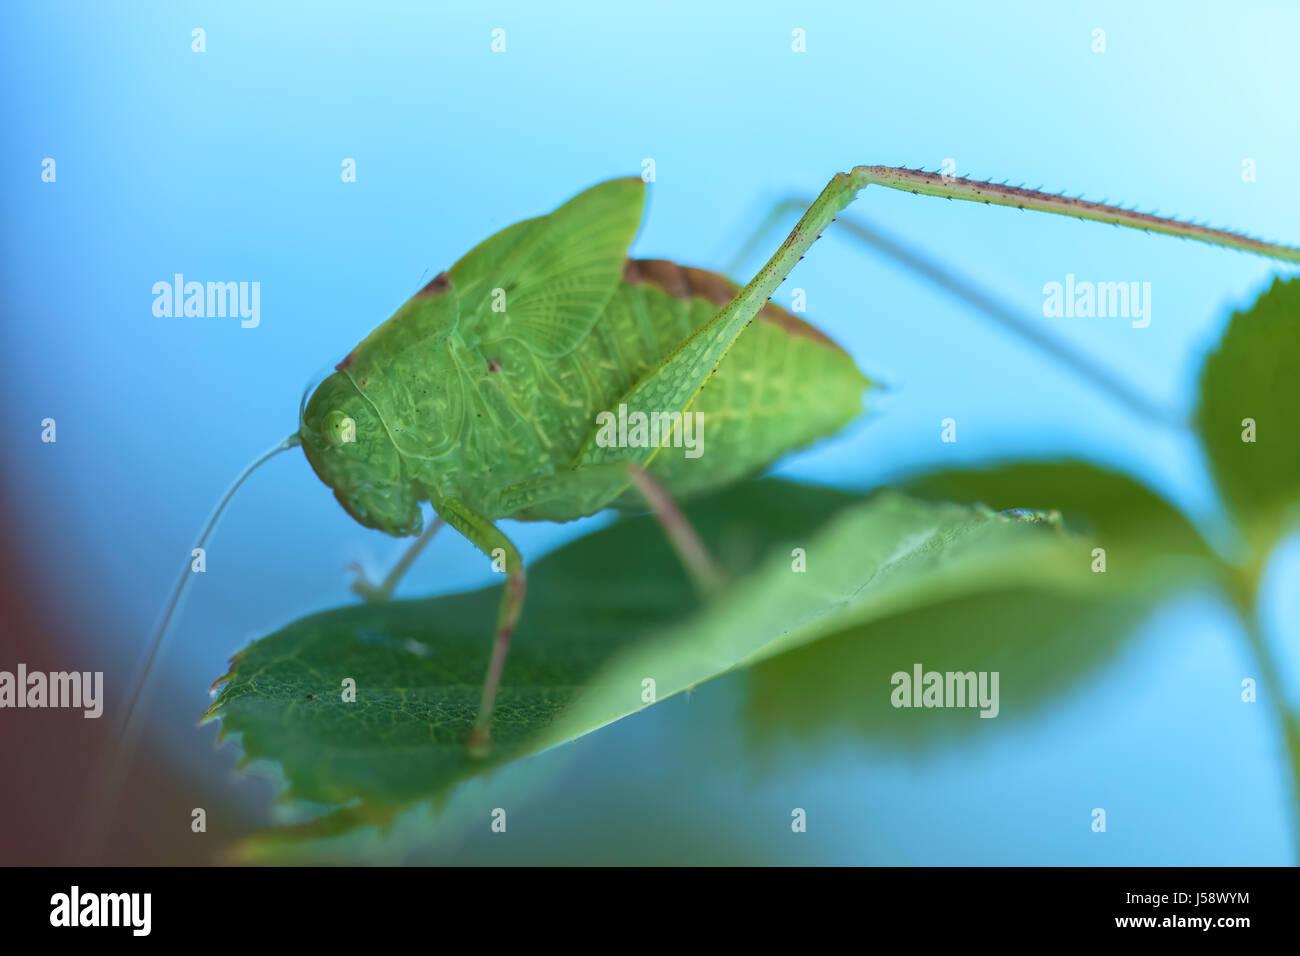 Größere Winkel-wing katydid (Microcentrum rhombifolium) thront auf einer rose Blatt Stockbild